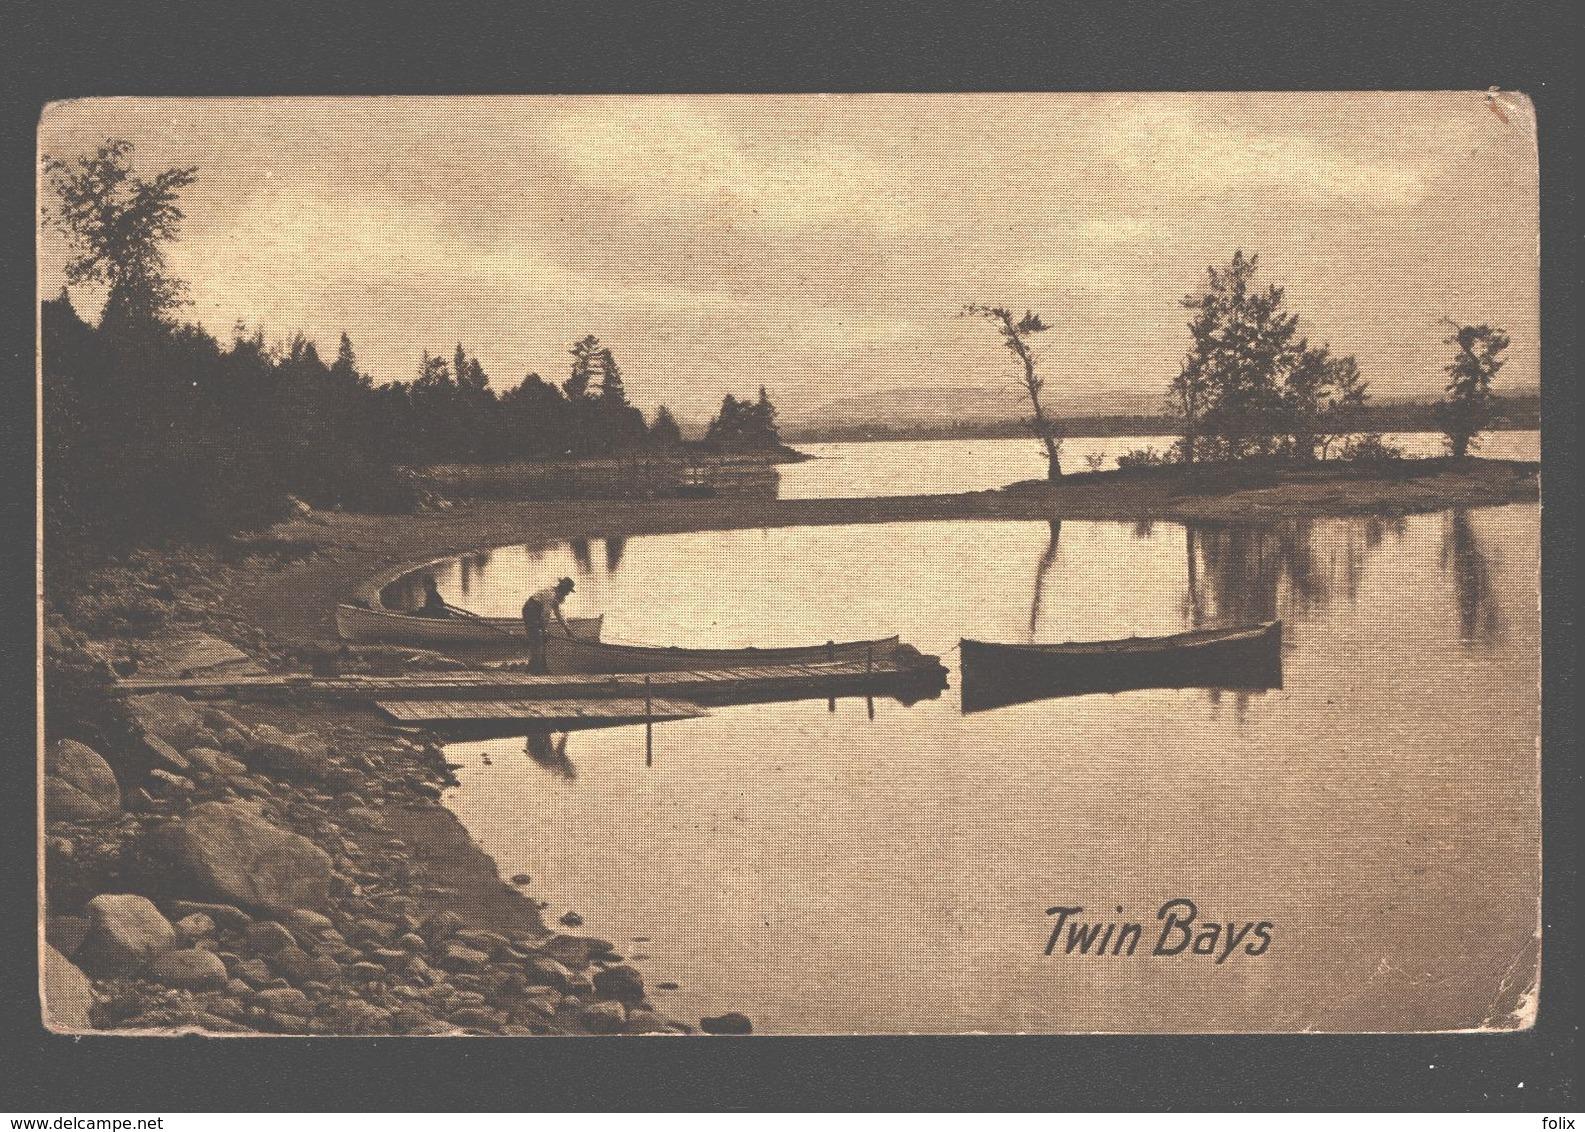 Lake Chaplain - Twin Bays - Champlain Series, Sheldon Ambertypes, Burlington, Vt. - 1909 - Non Classés